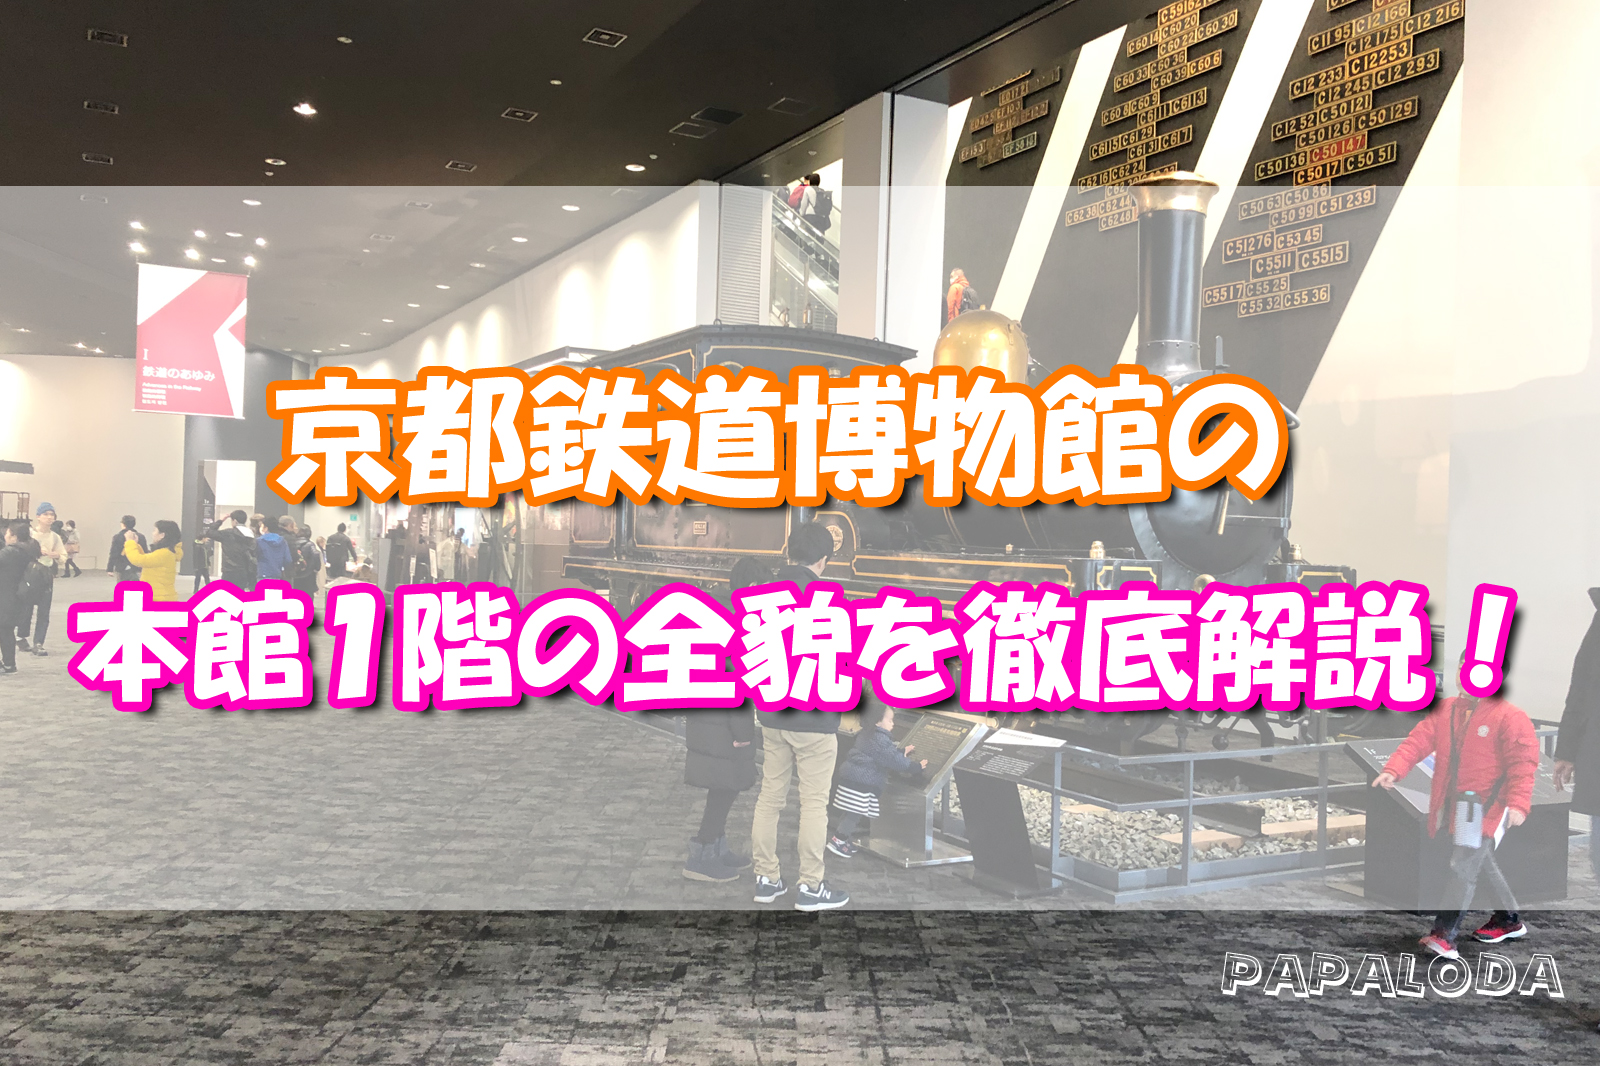 京都鉄道博物の館本館1階徹底解説